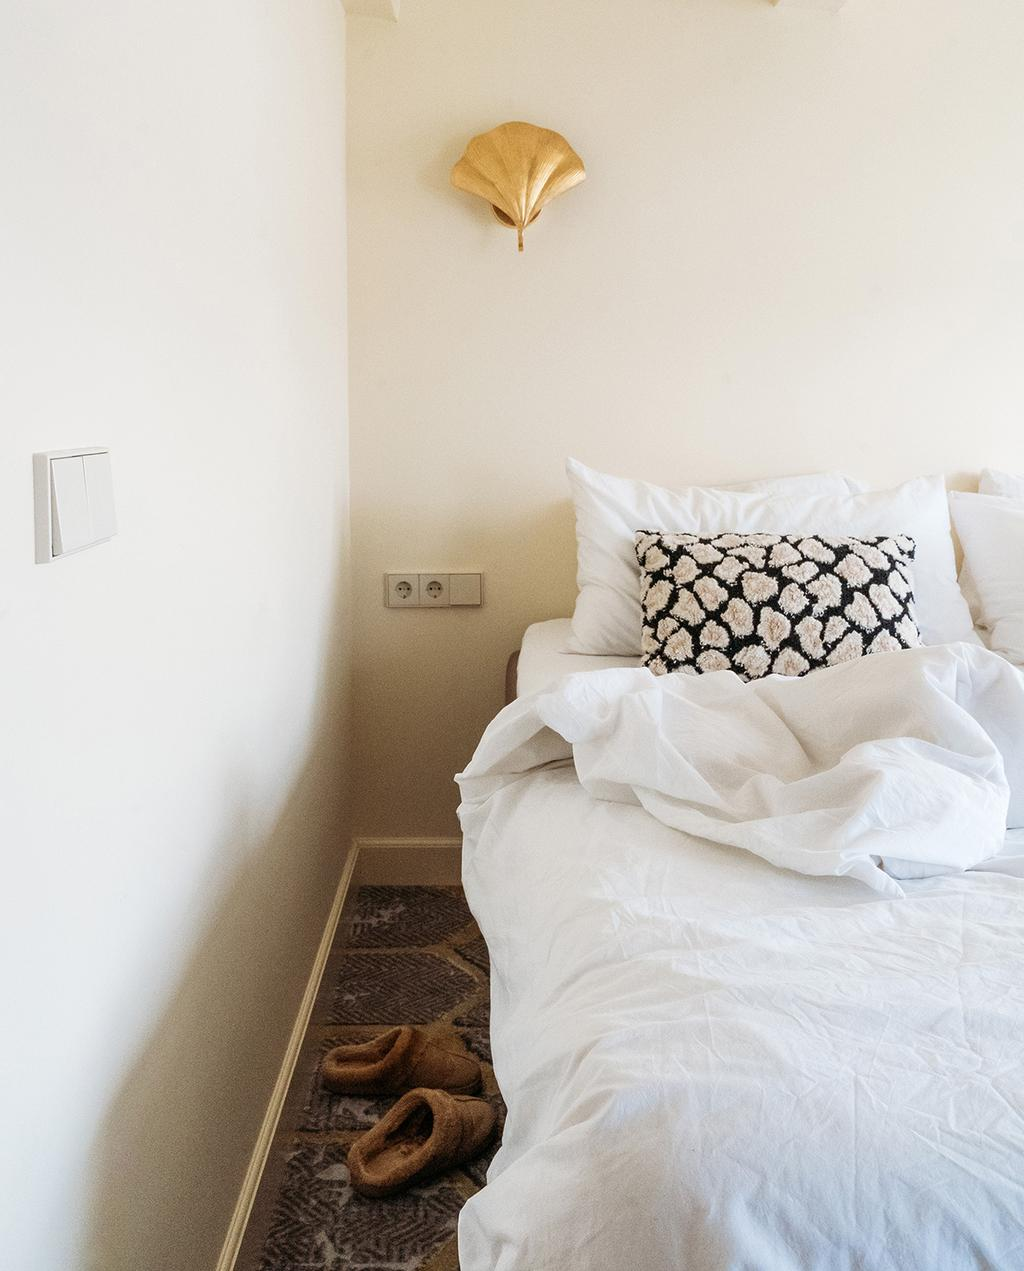 vtwonen 03-2021 | bed in slaapkamer met wit beddengoed en zwart wit kussen